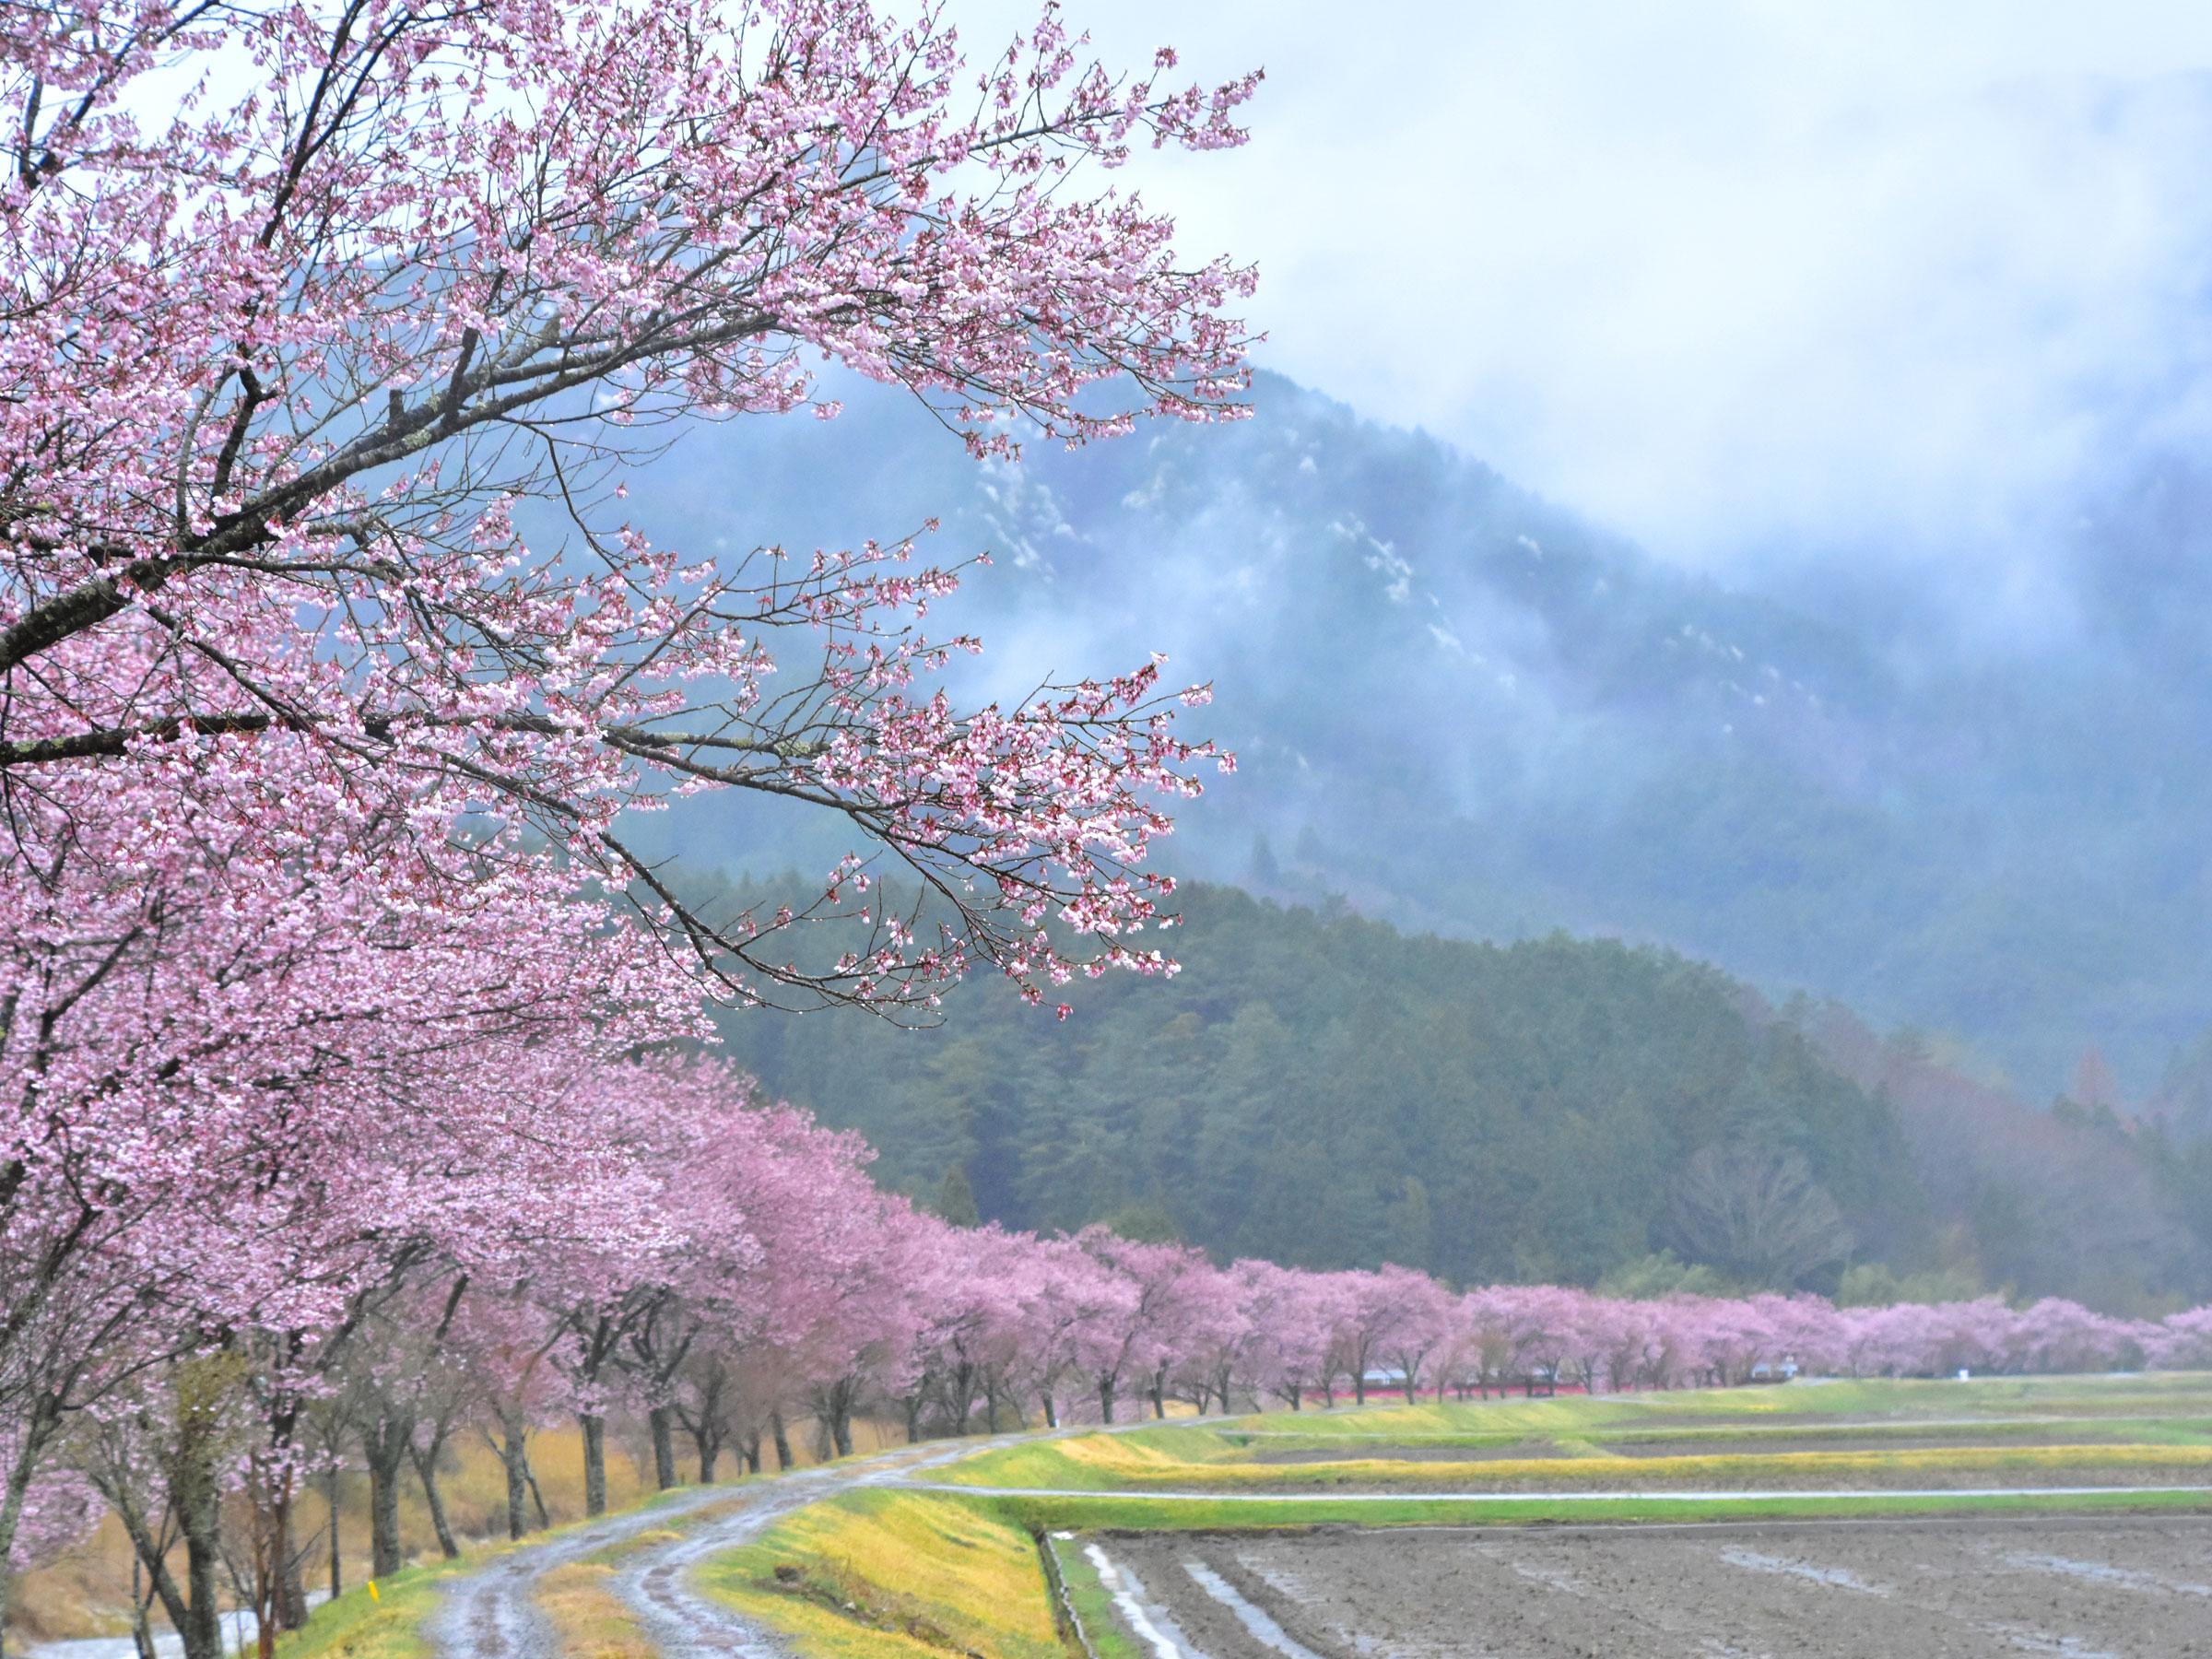 【愛知県】春の絶景・風物詩5選 カーブを描きどこまでも続く桜並木